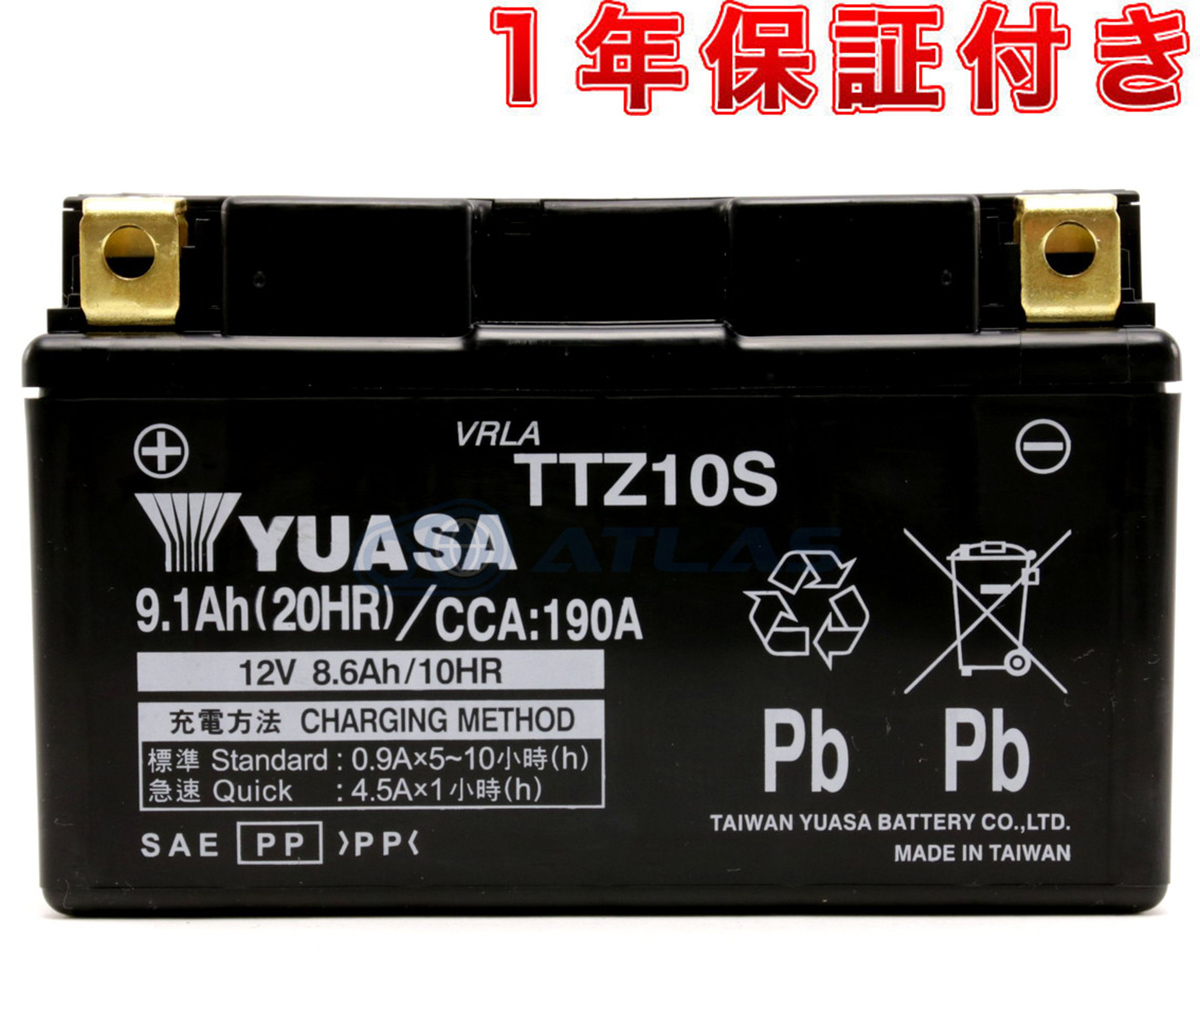 メーカー直売 コスパ最強台湾ユアサバッテリー LINE友だちクーポン発行中 台湾YUASA TTZ10S 限定モデル TTZ10S-5E 液入り充電済み FTZ10S DTZ10S 1年保証付き 互換 YTZ10S GTZ10S